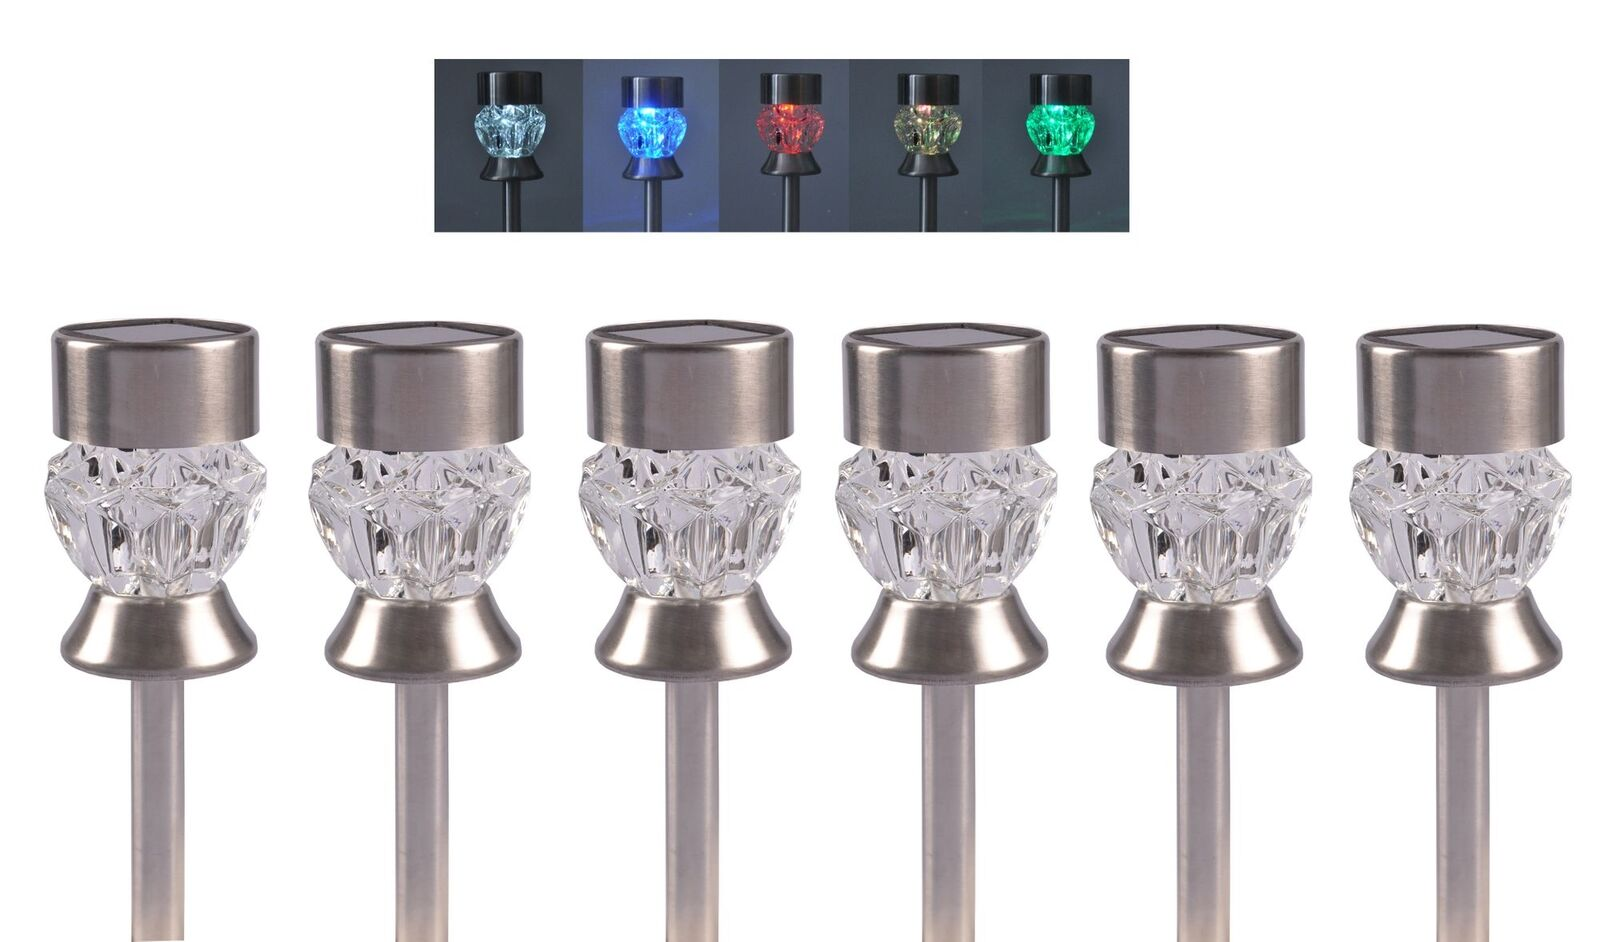 Luces solares diamante cambiador 6er-set lámparas solares jardín lámpara lámpara solar